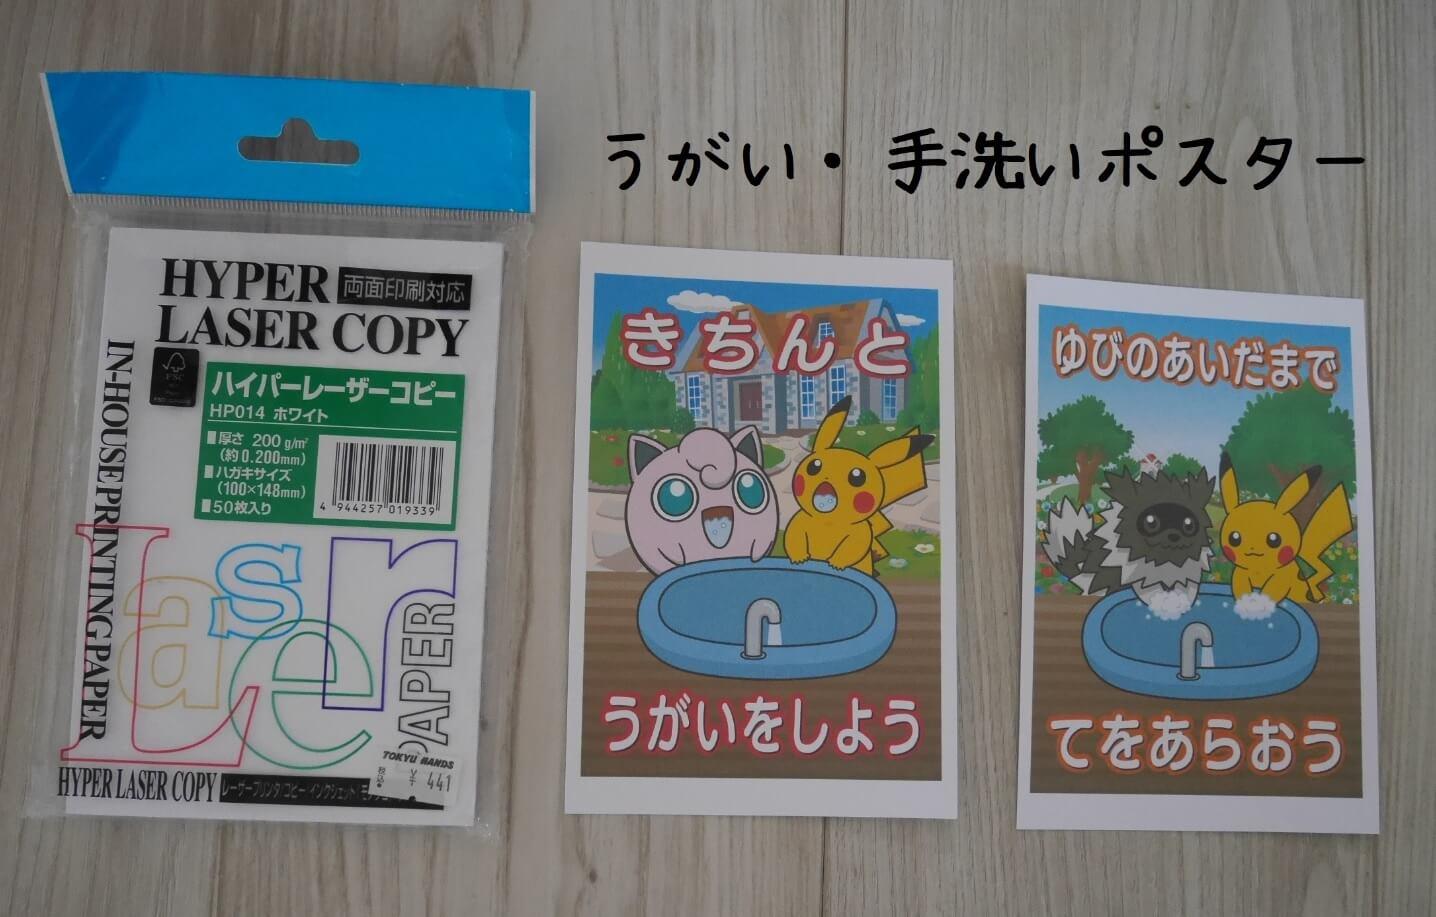 ポケモンイラストラボ 印刷手順5 うがい・手洗いポスター